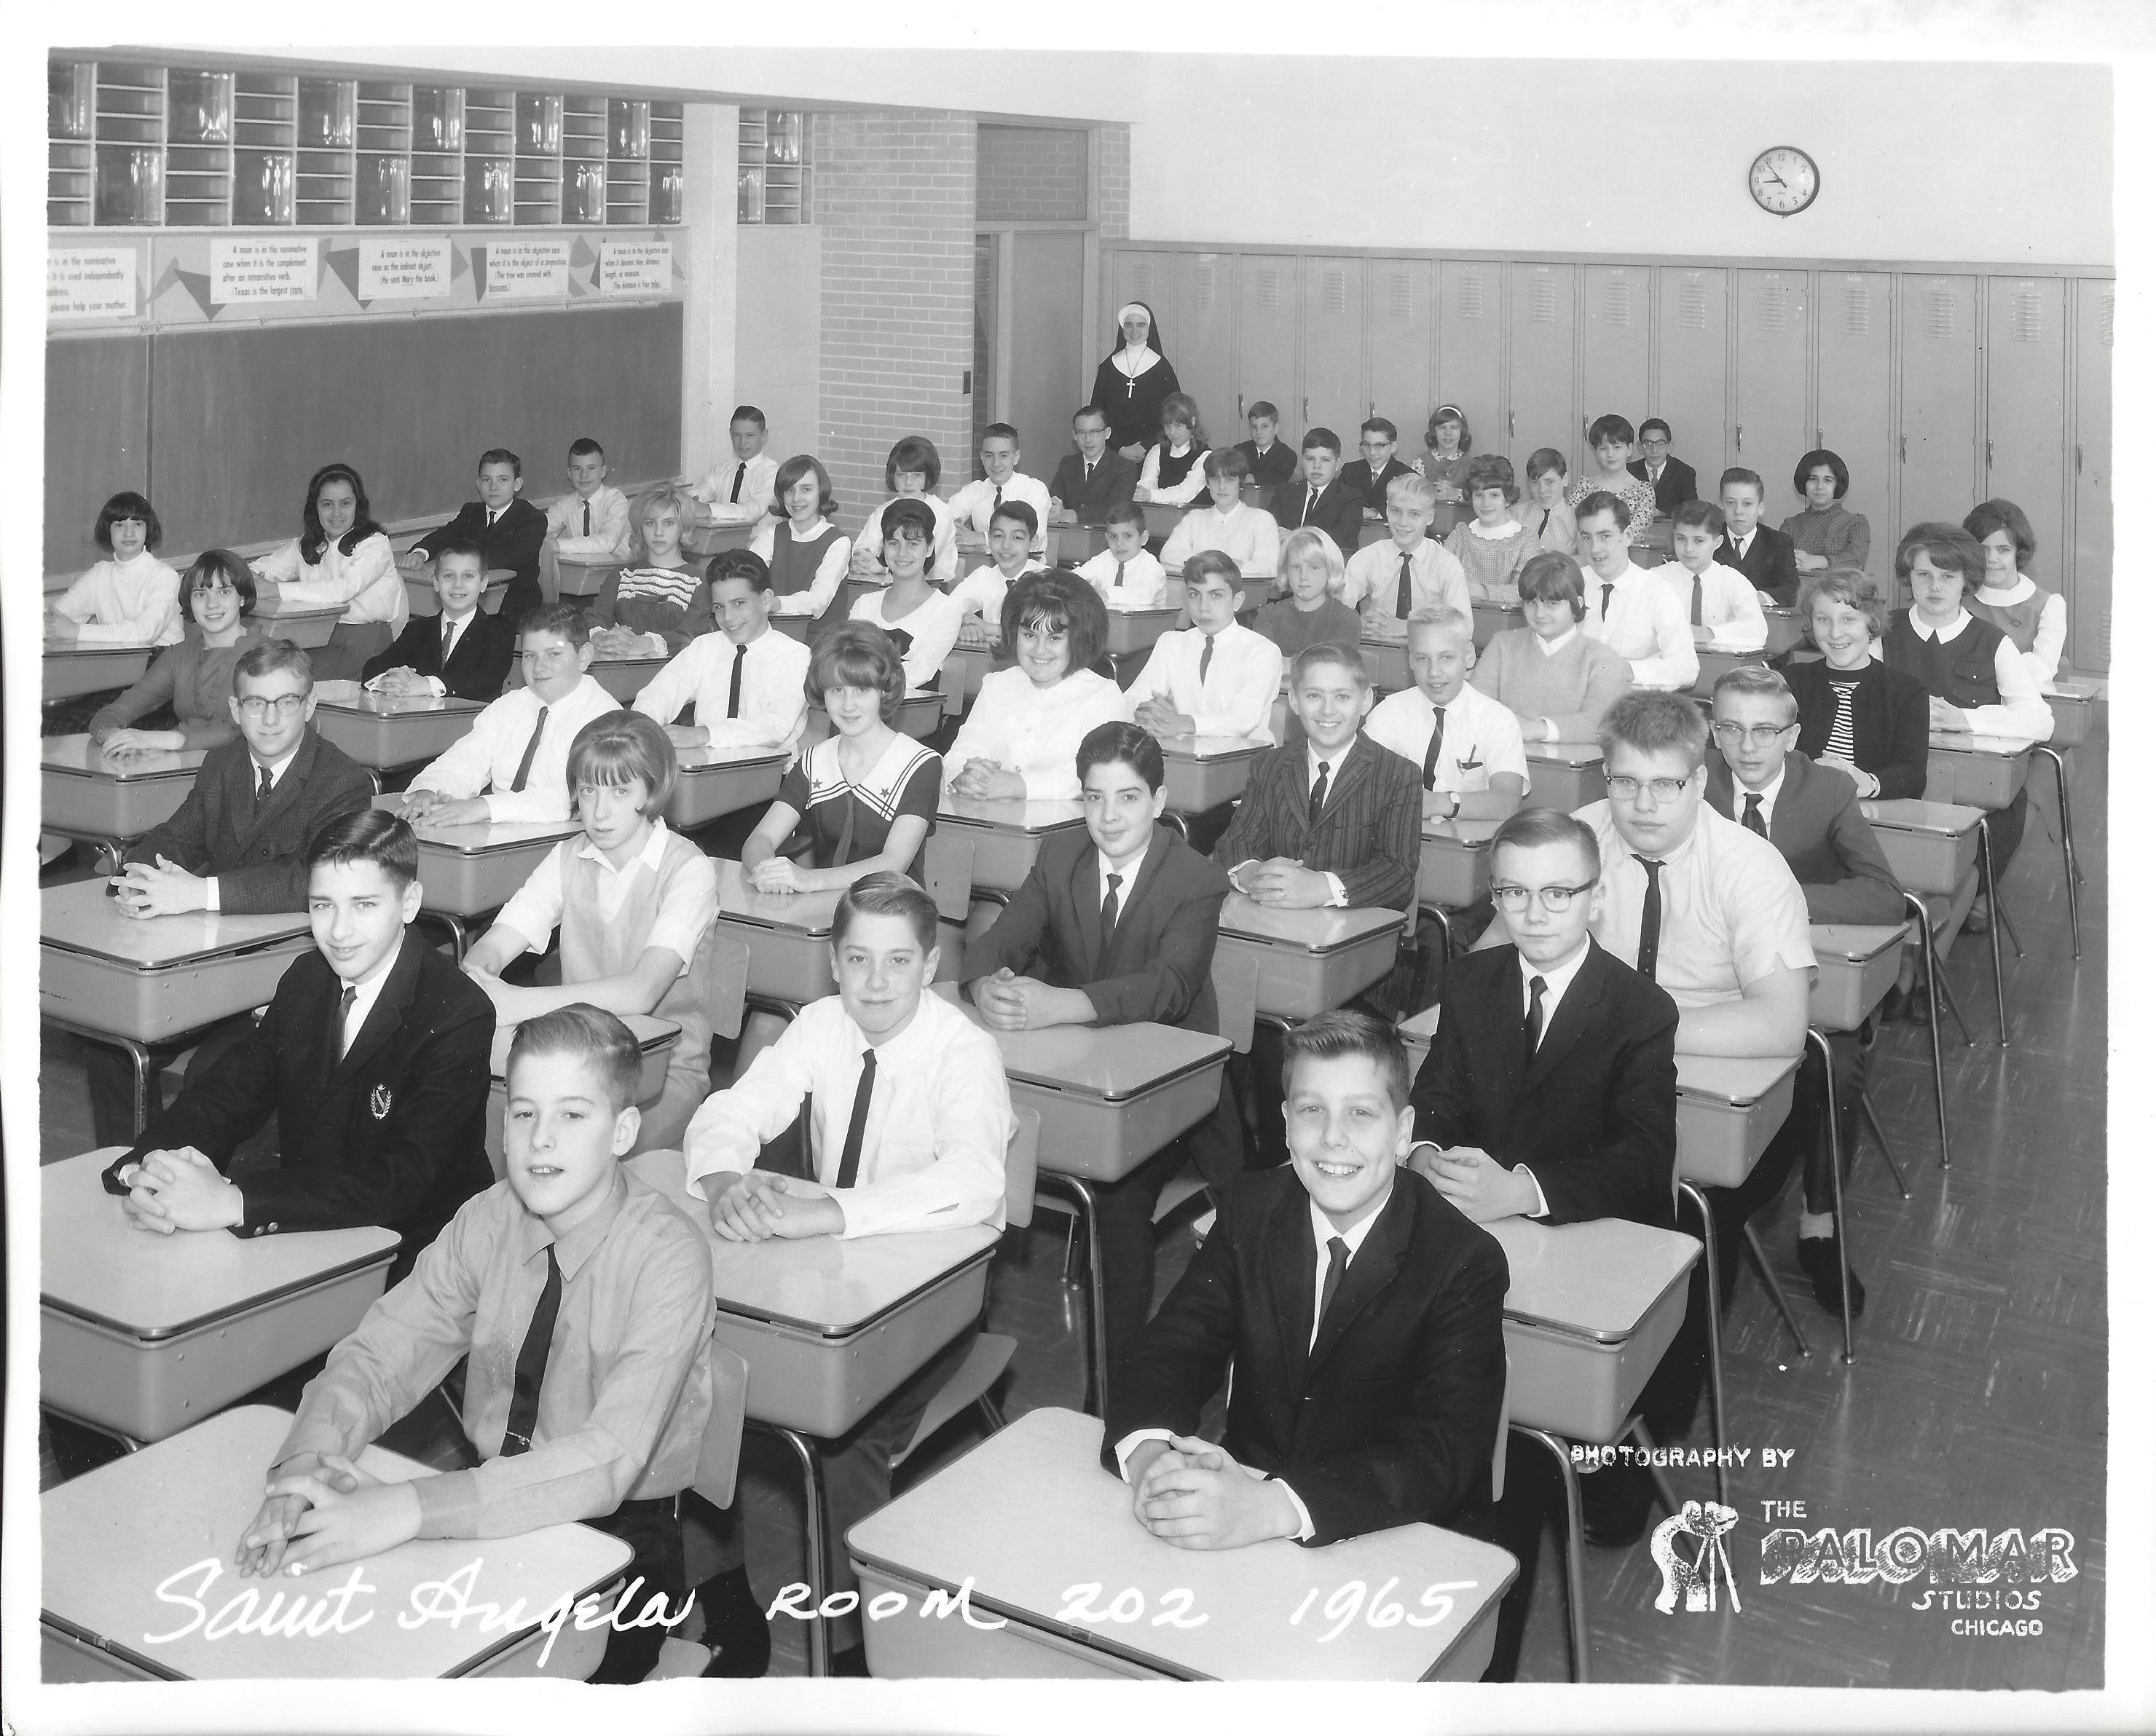 1965 Room 202